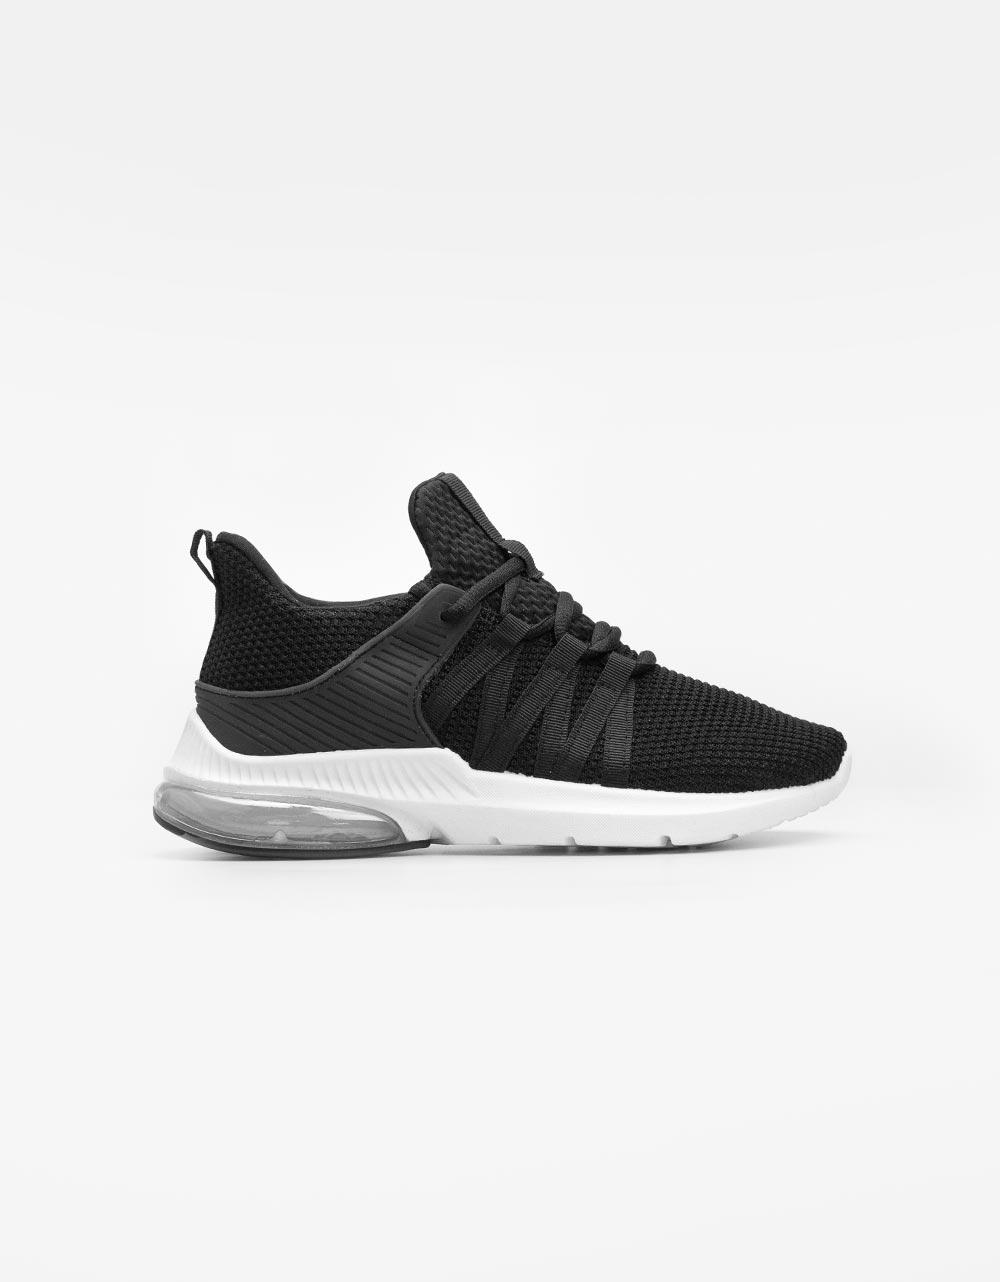 Εικόνα από Γυναικεία sneakers μονόχρωμα με αερόσολα Μαύρο/Λευκό